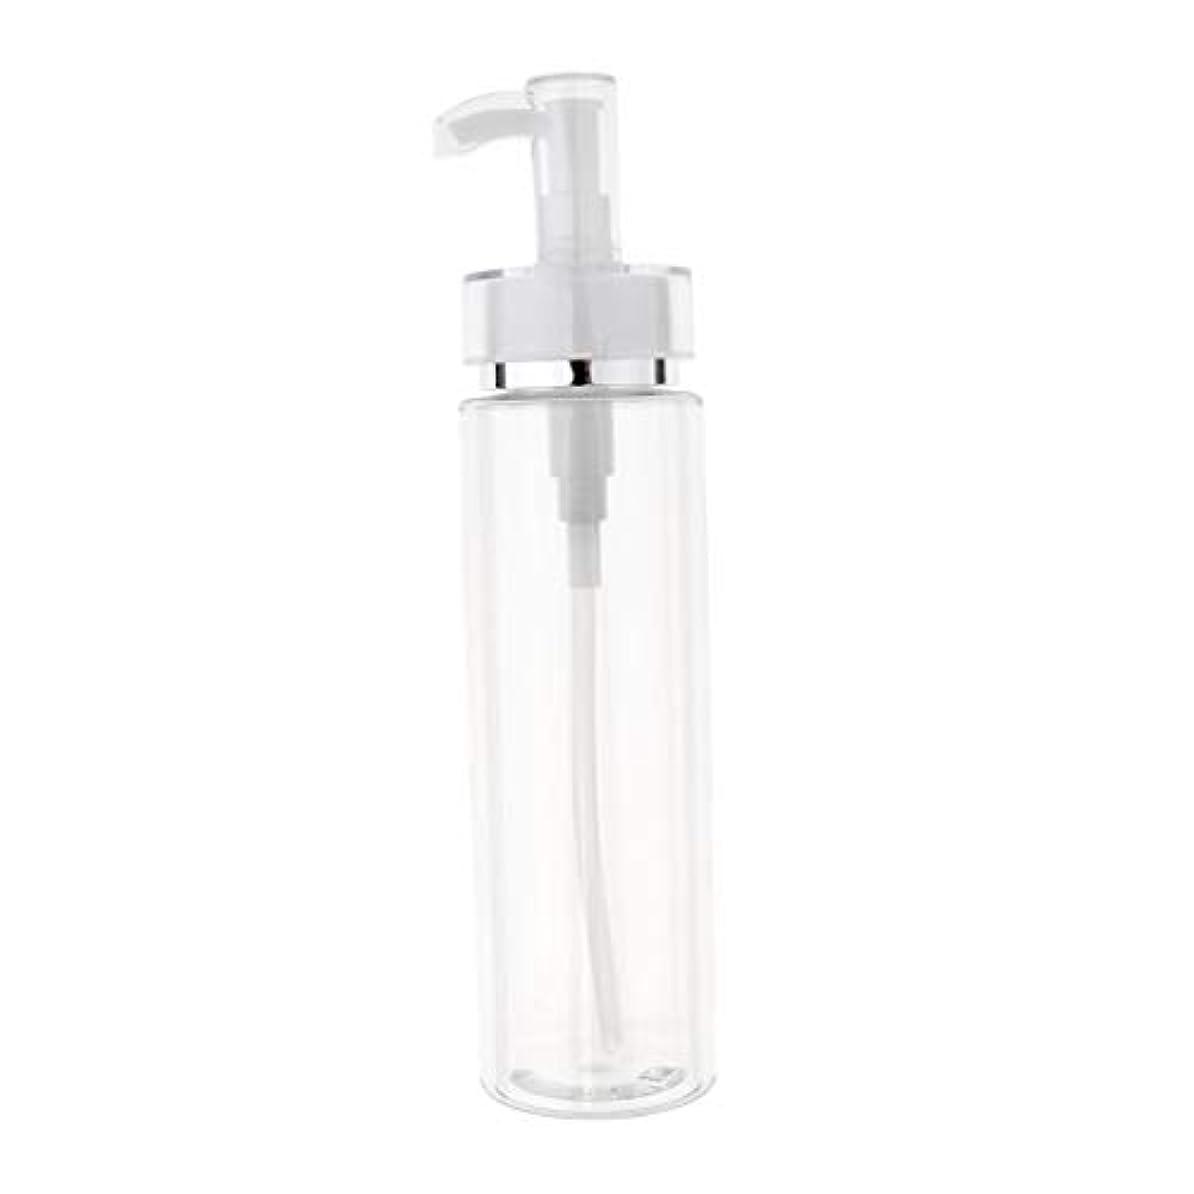 フリッパー細いフィットネス120/160/200ml 化粧品ボトル 液体ポンプボトル クリーム容器 全3サイズ - 200ミリリットル